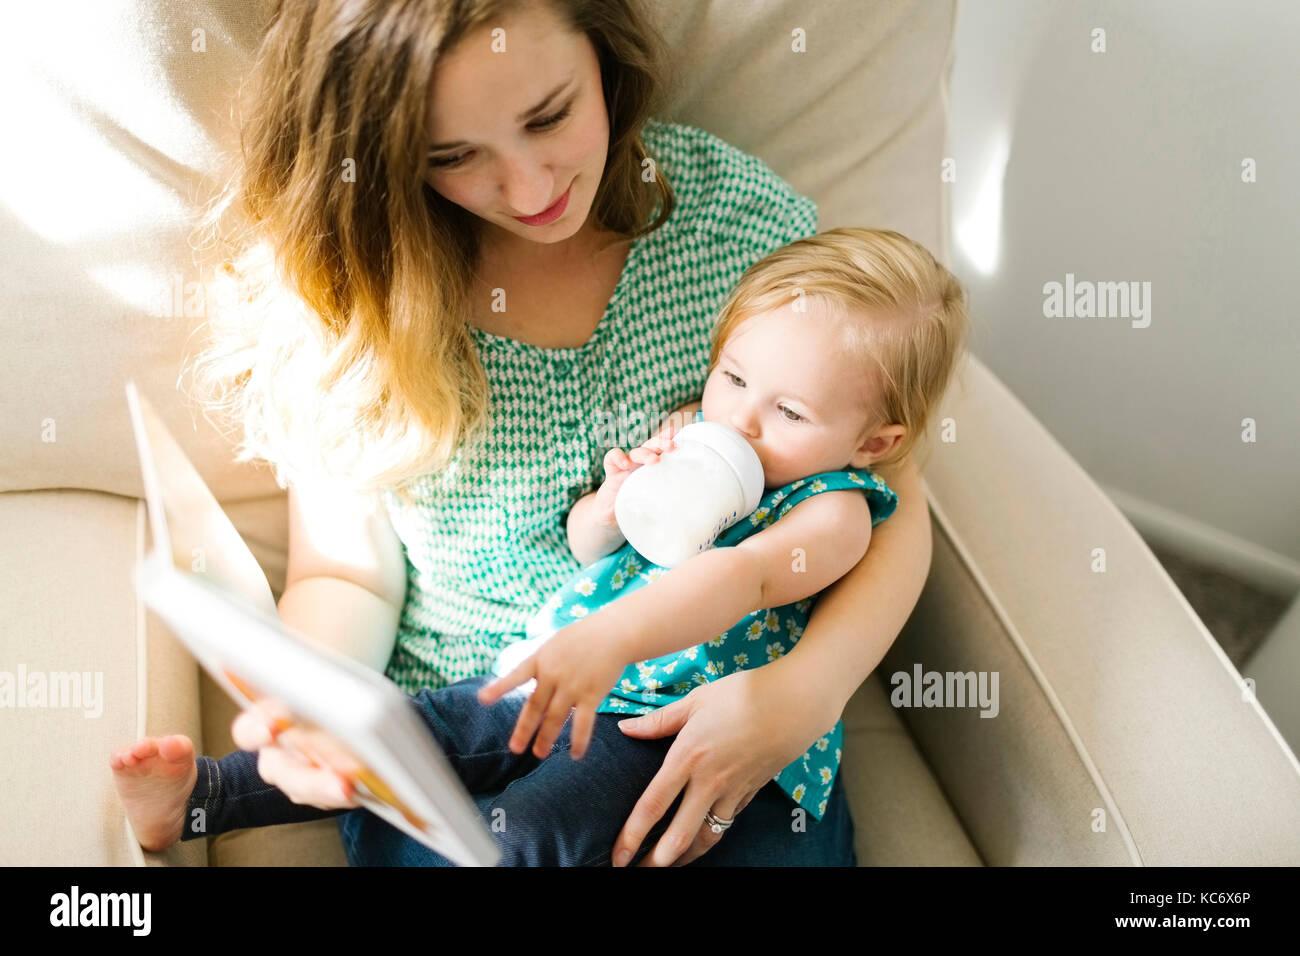 Mutter mit Baby girl (12-17 Monate) in Wohnzimmer und lesen Buch sitzen Stockbild